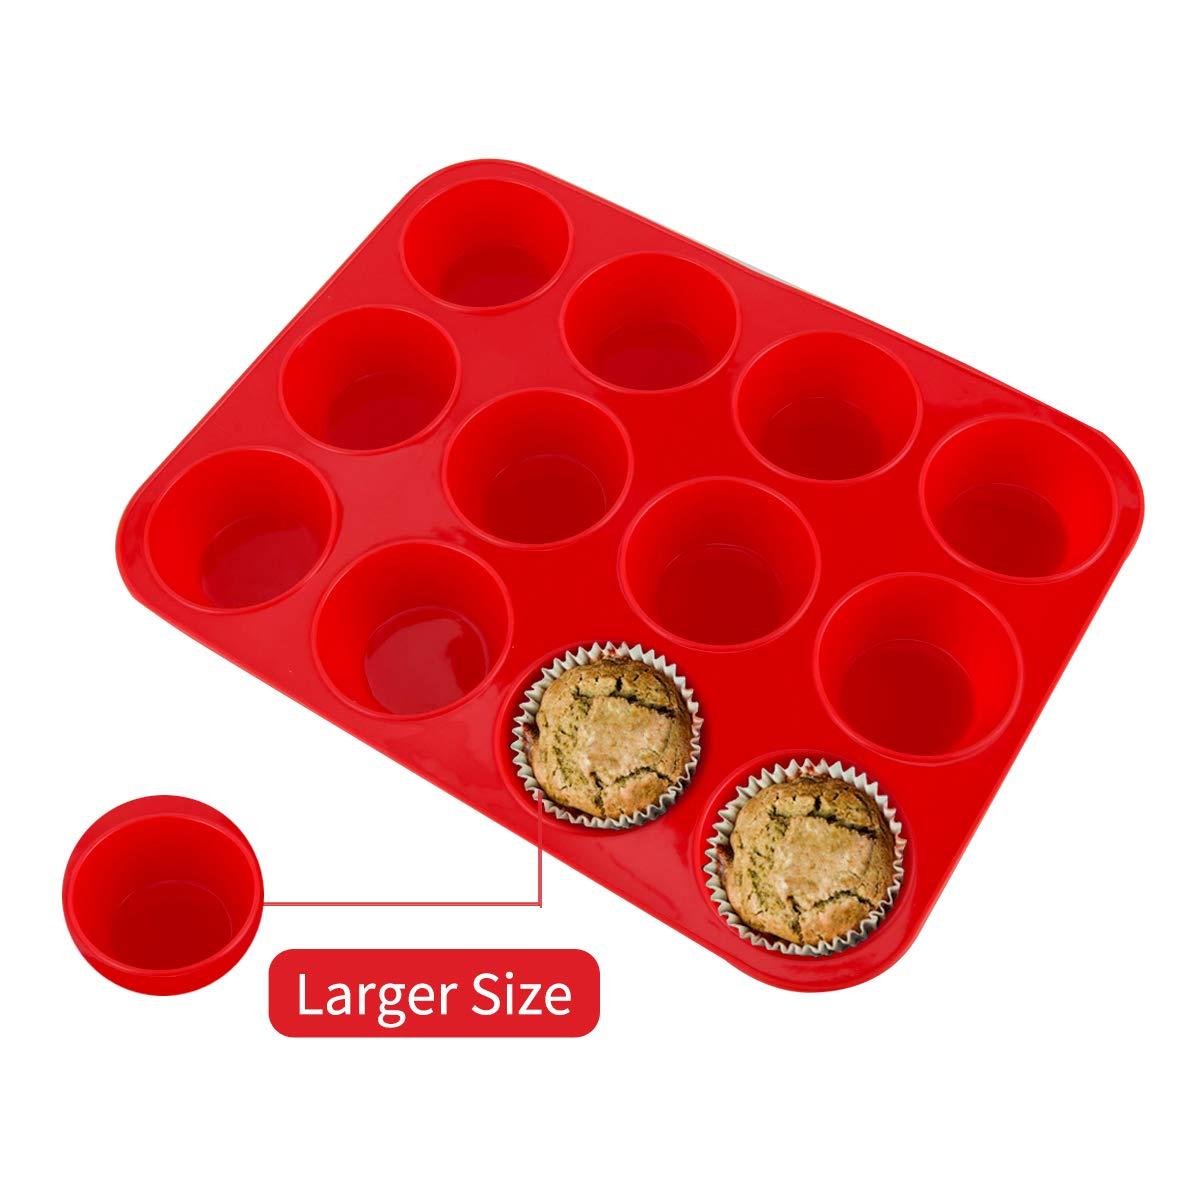 SUPER KITCHEN Gro/ße Muffinform aus Silikon f/ür 12 Muffins Kuchen Brownies Pudding 33 x 25 x 3 cm Antihaft Muffinblech Antihaftbeschichtet Backblech Backform f/ür Cupcakes Grau